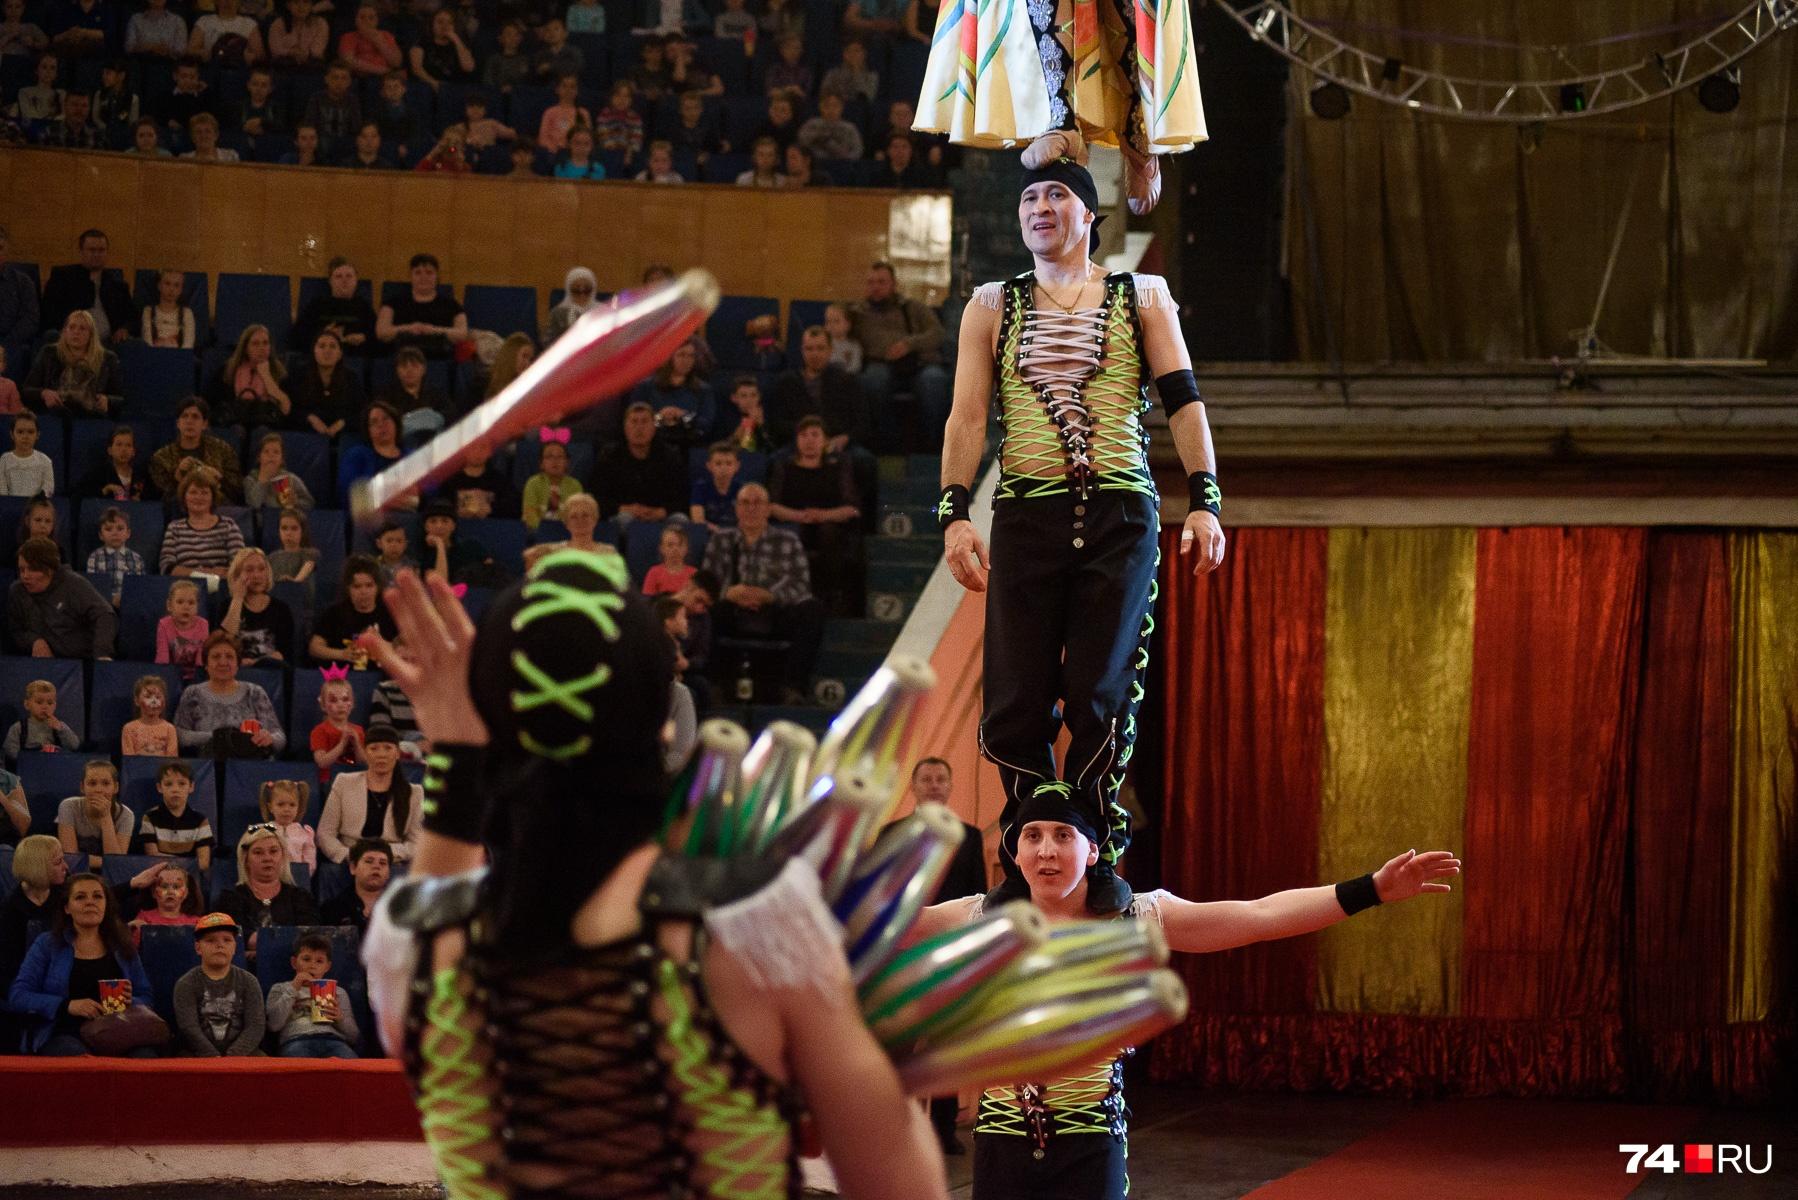 Зрители могут увидеть жонглирование различными предметами...